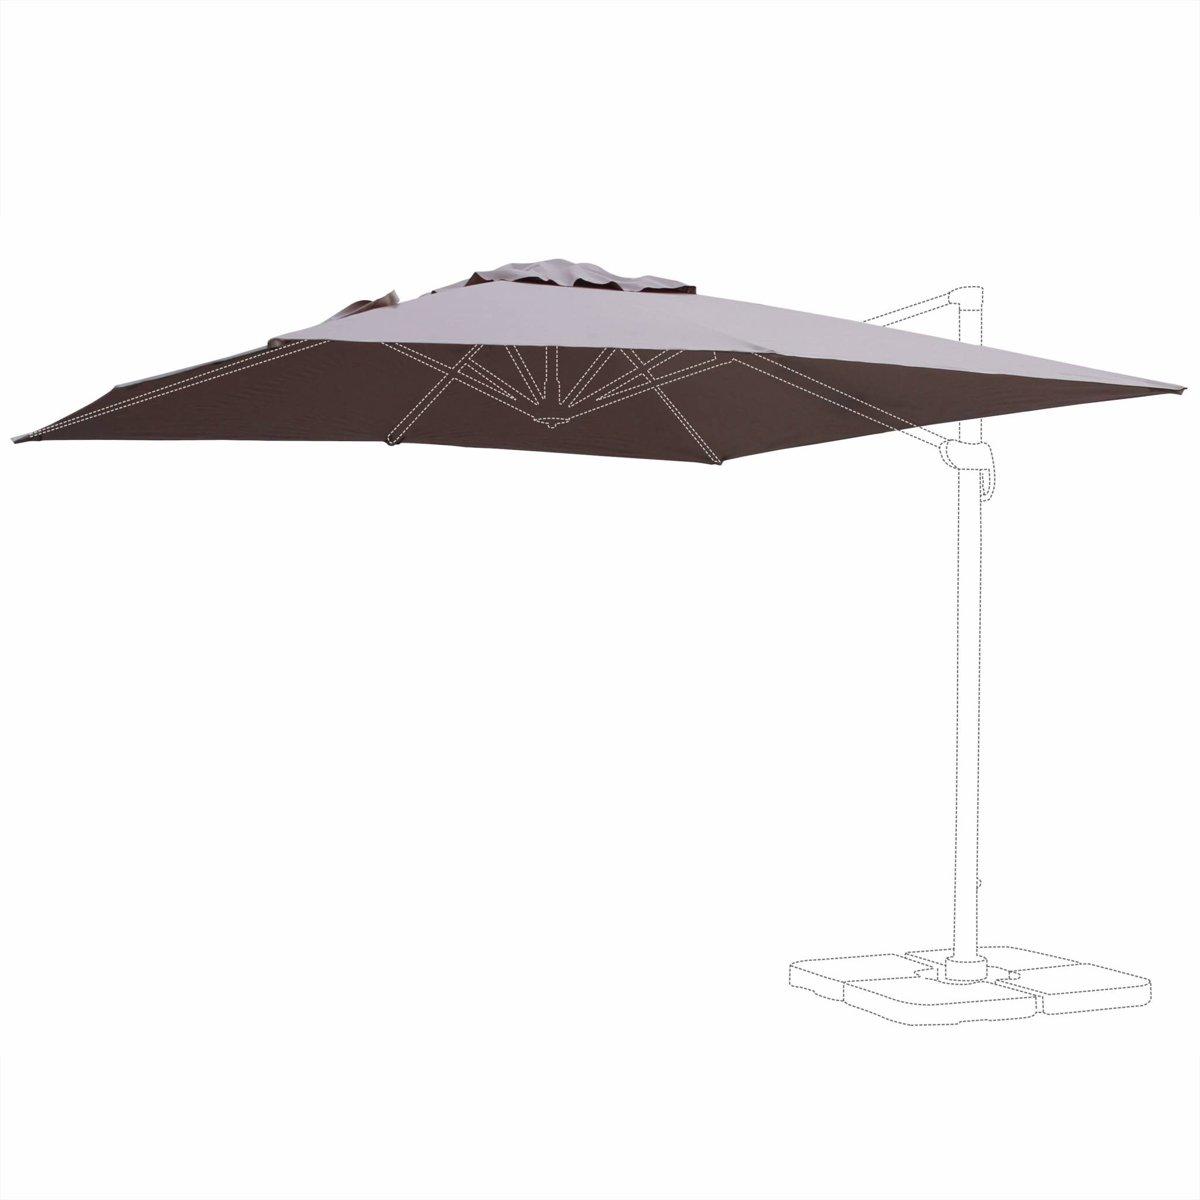 Vervangingsdoek voor 3x3m parasol kopen